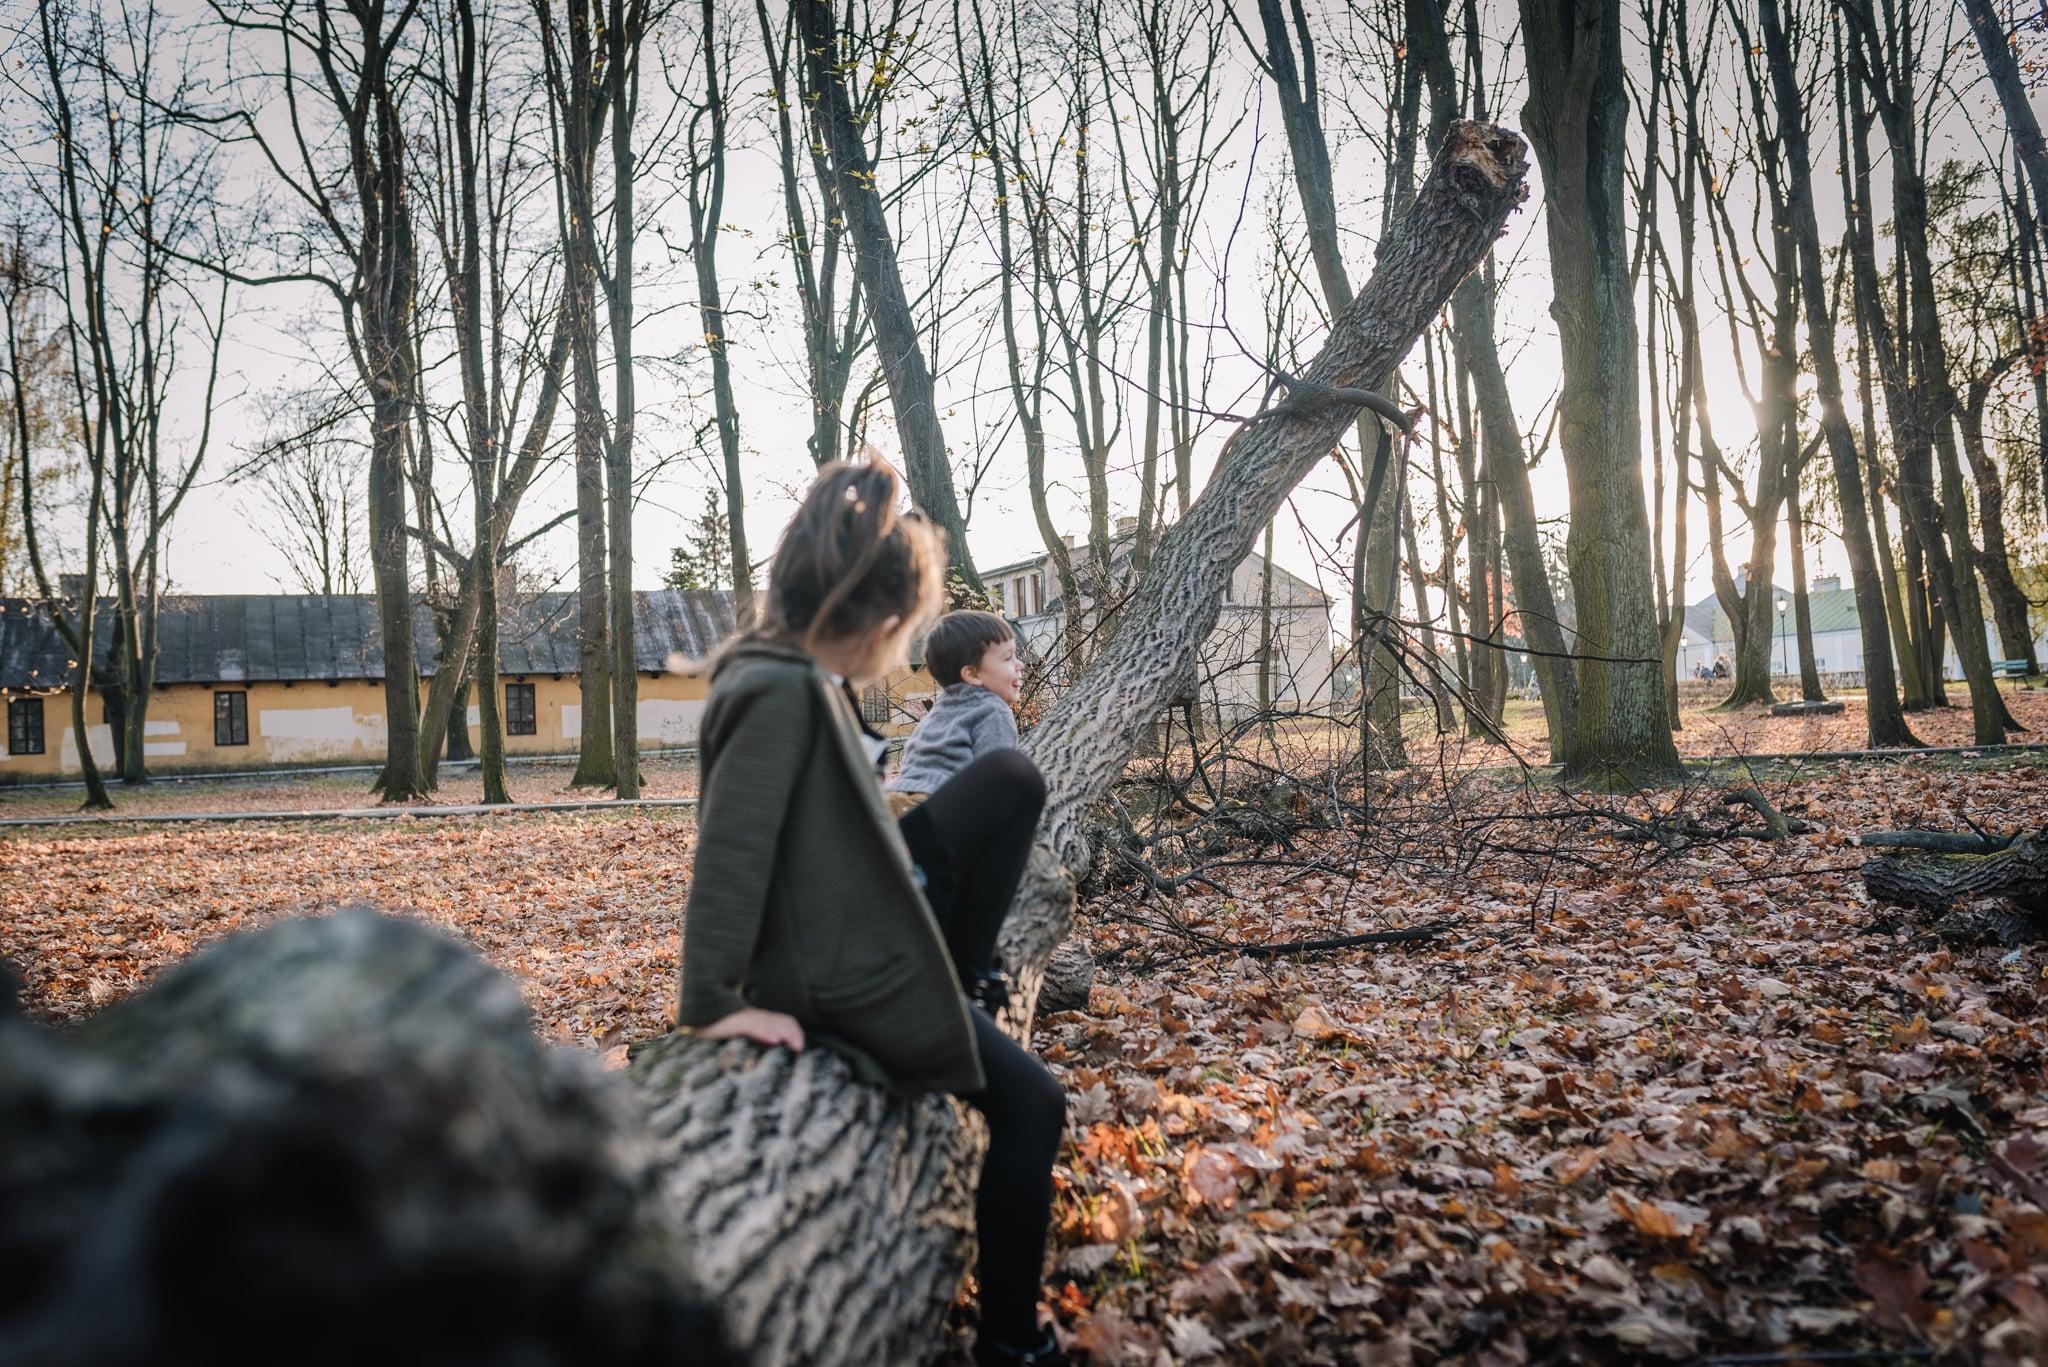 dziewczynka z bratem siedzą na drzewie w parku